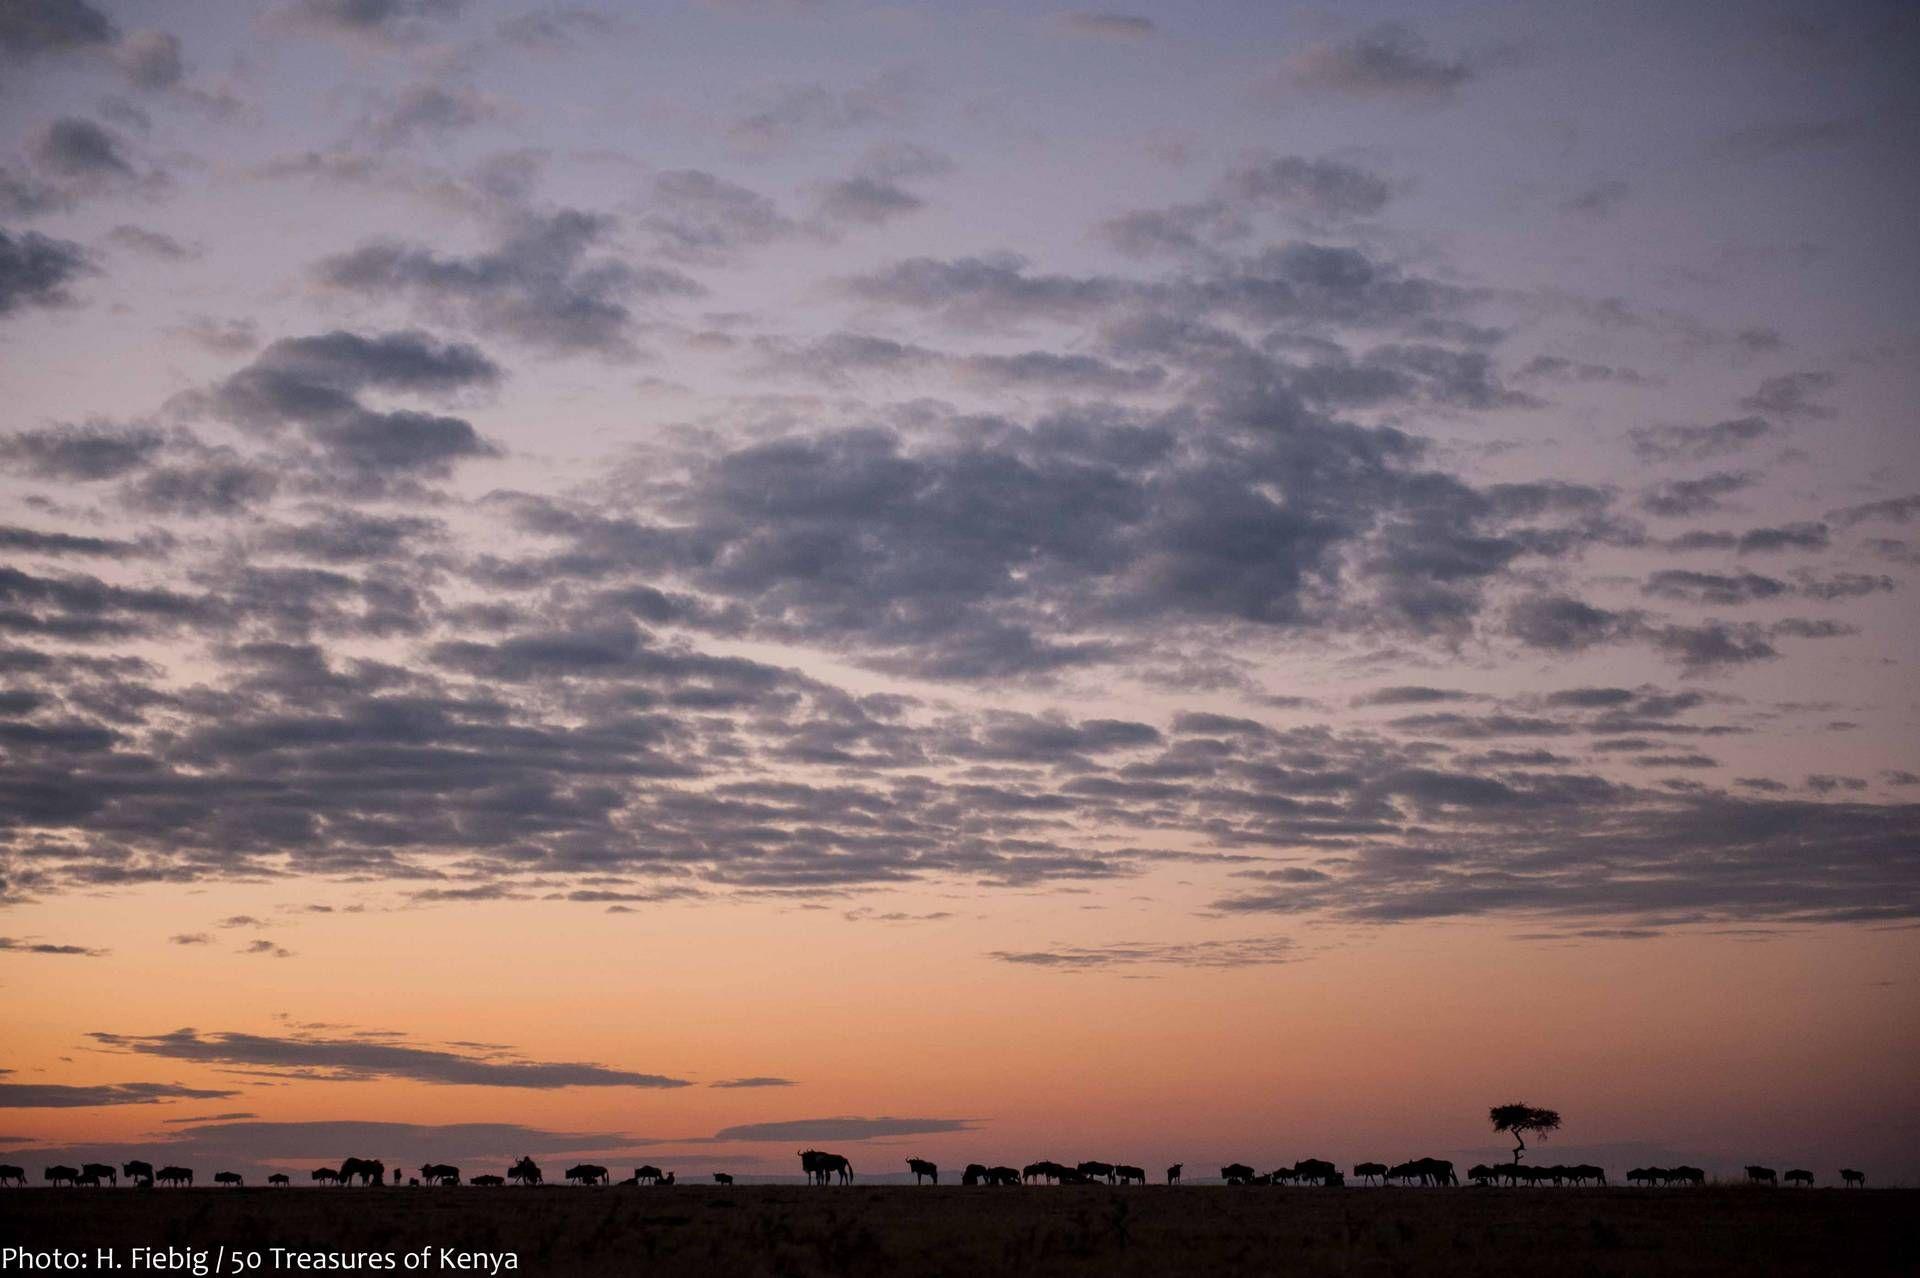 50 Treasures of Kenya - Masai Mara & Trans Mara